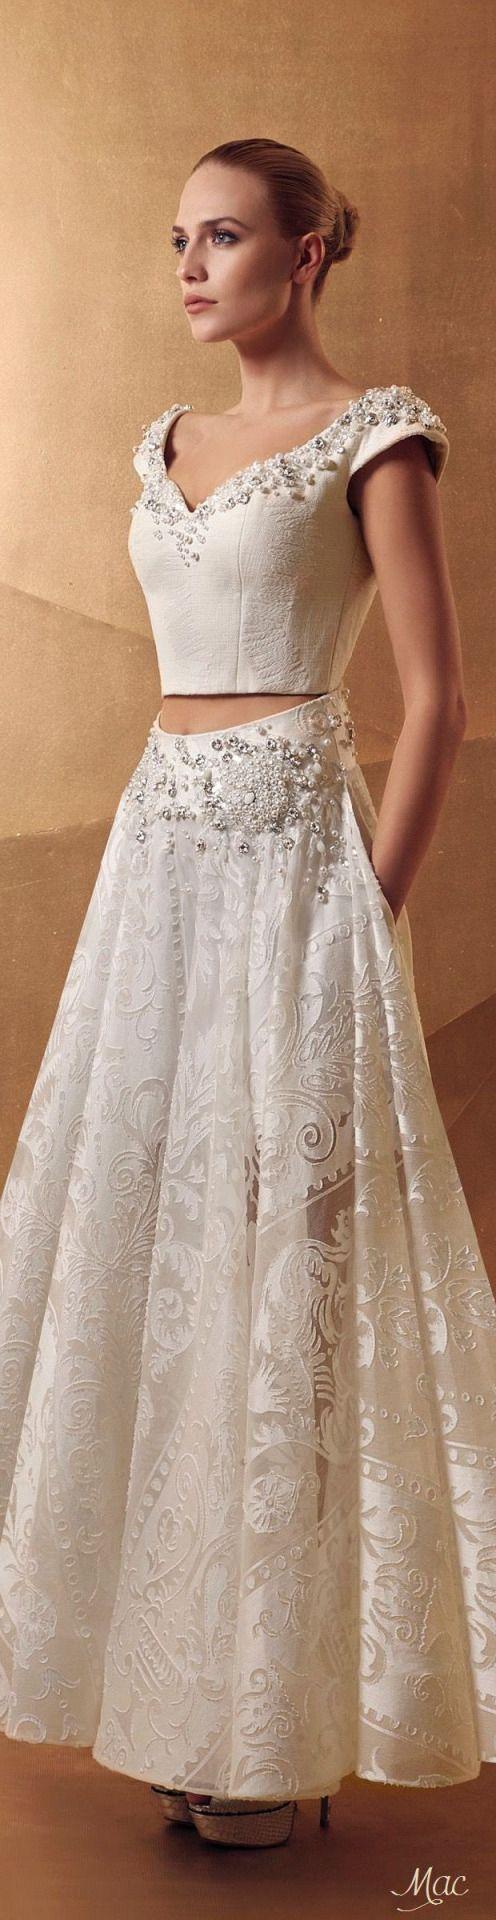 les plus belles robes de mariée 051 et plus encore sur www.robe2mariage.eu